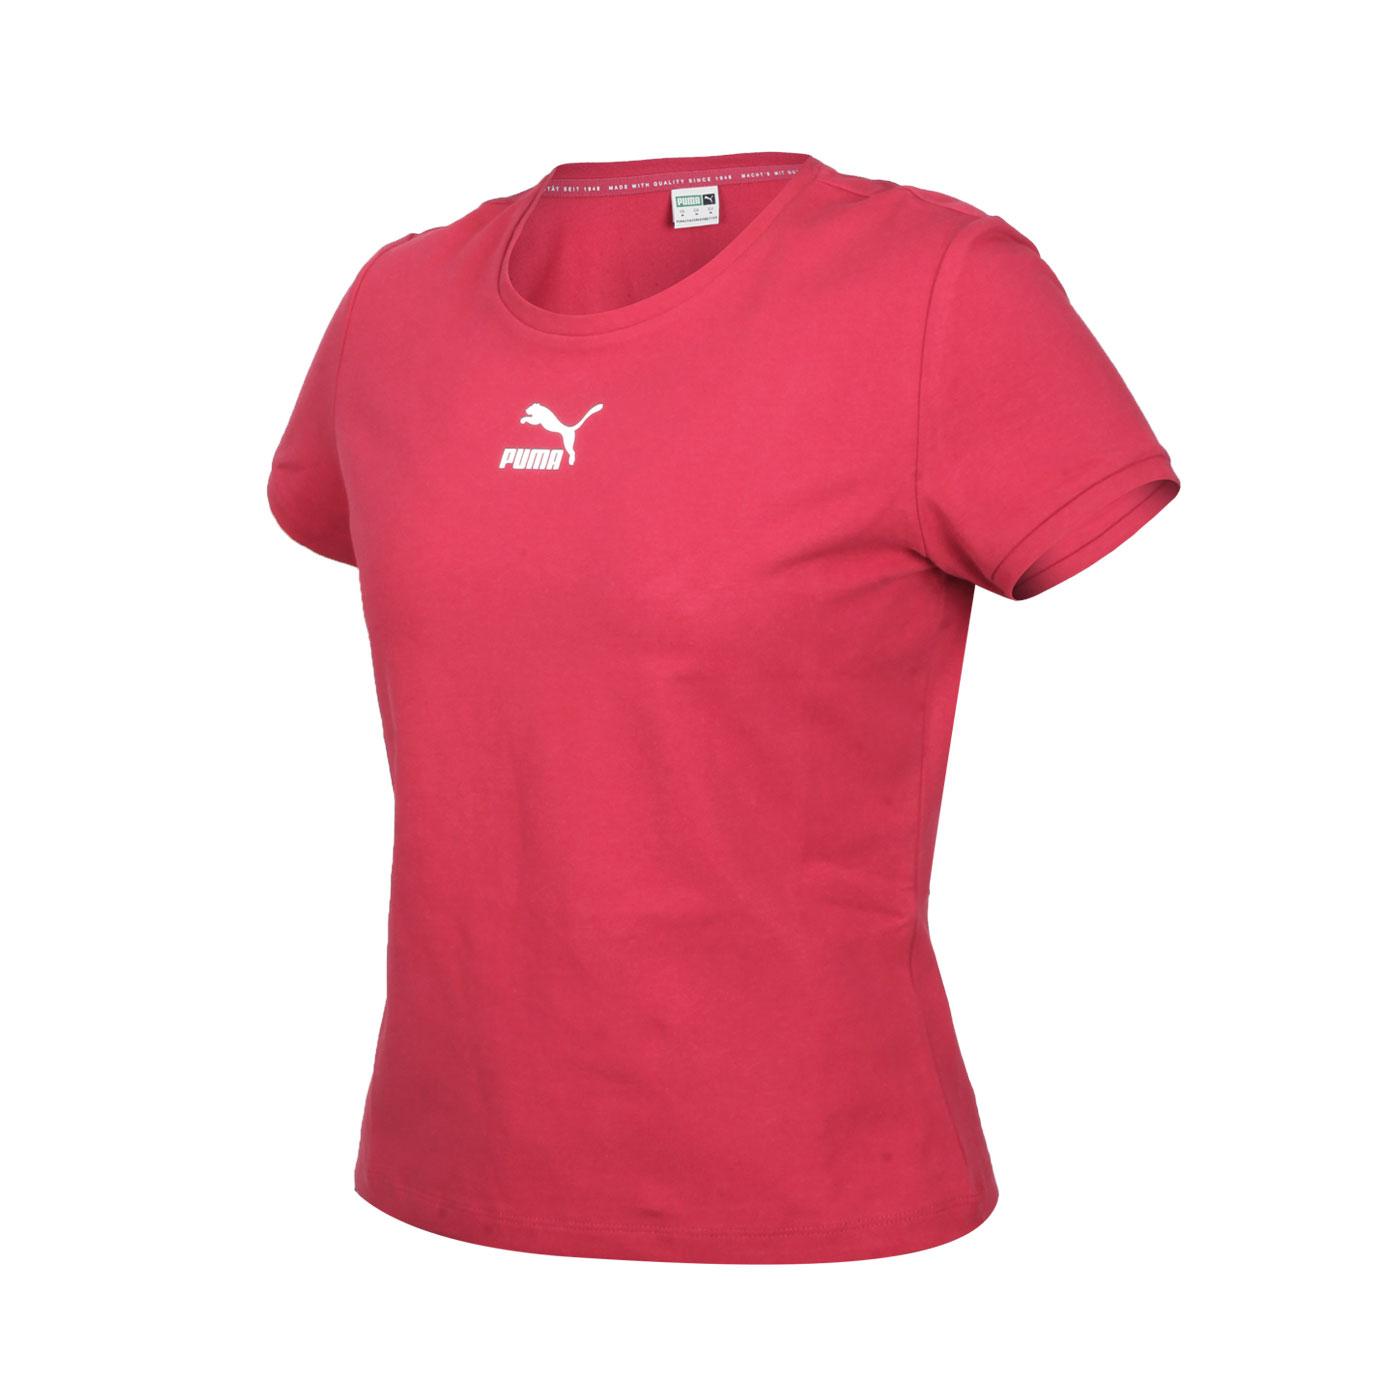 PUMA 女款基本系列Classics貼身短袖T恤 59957722 - 紅白